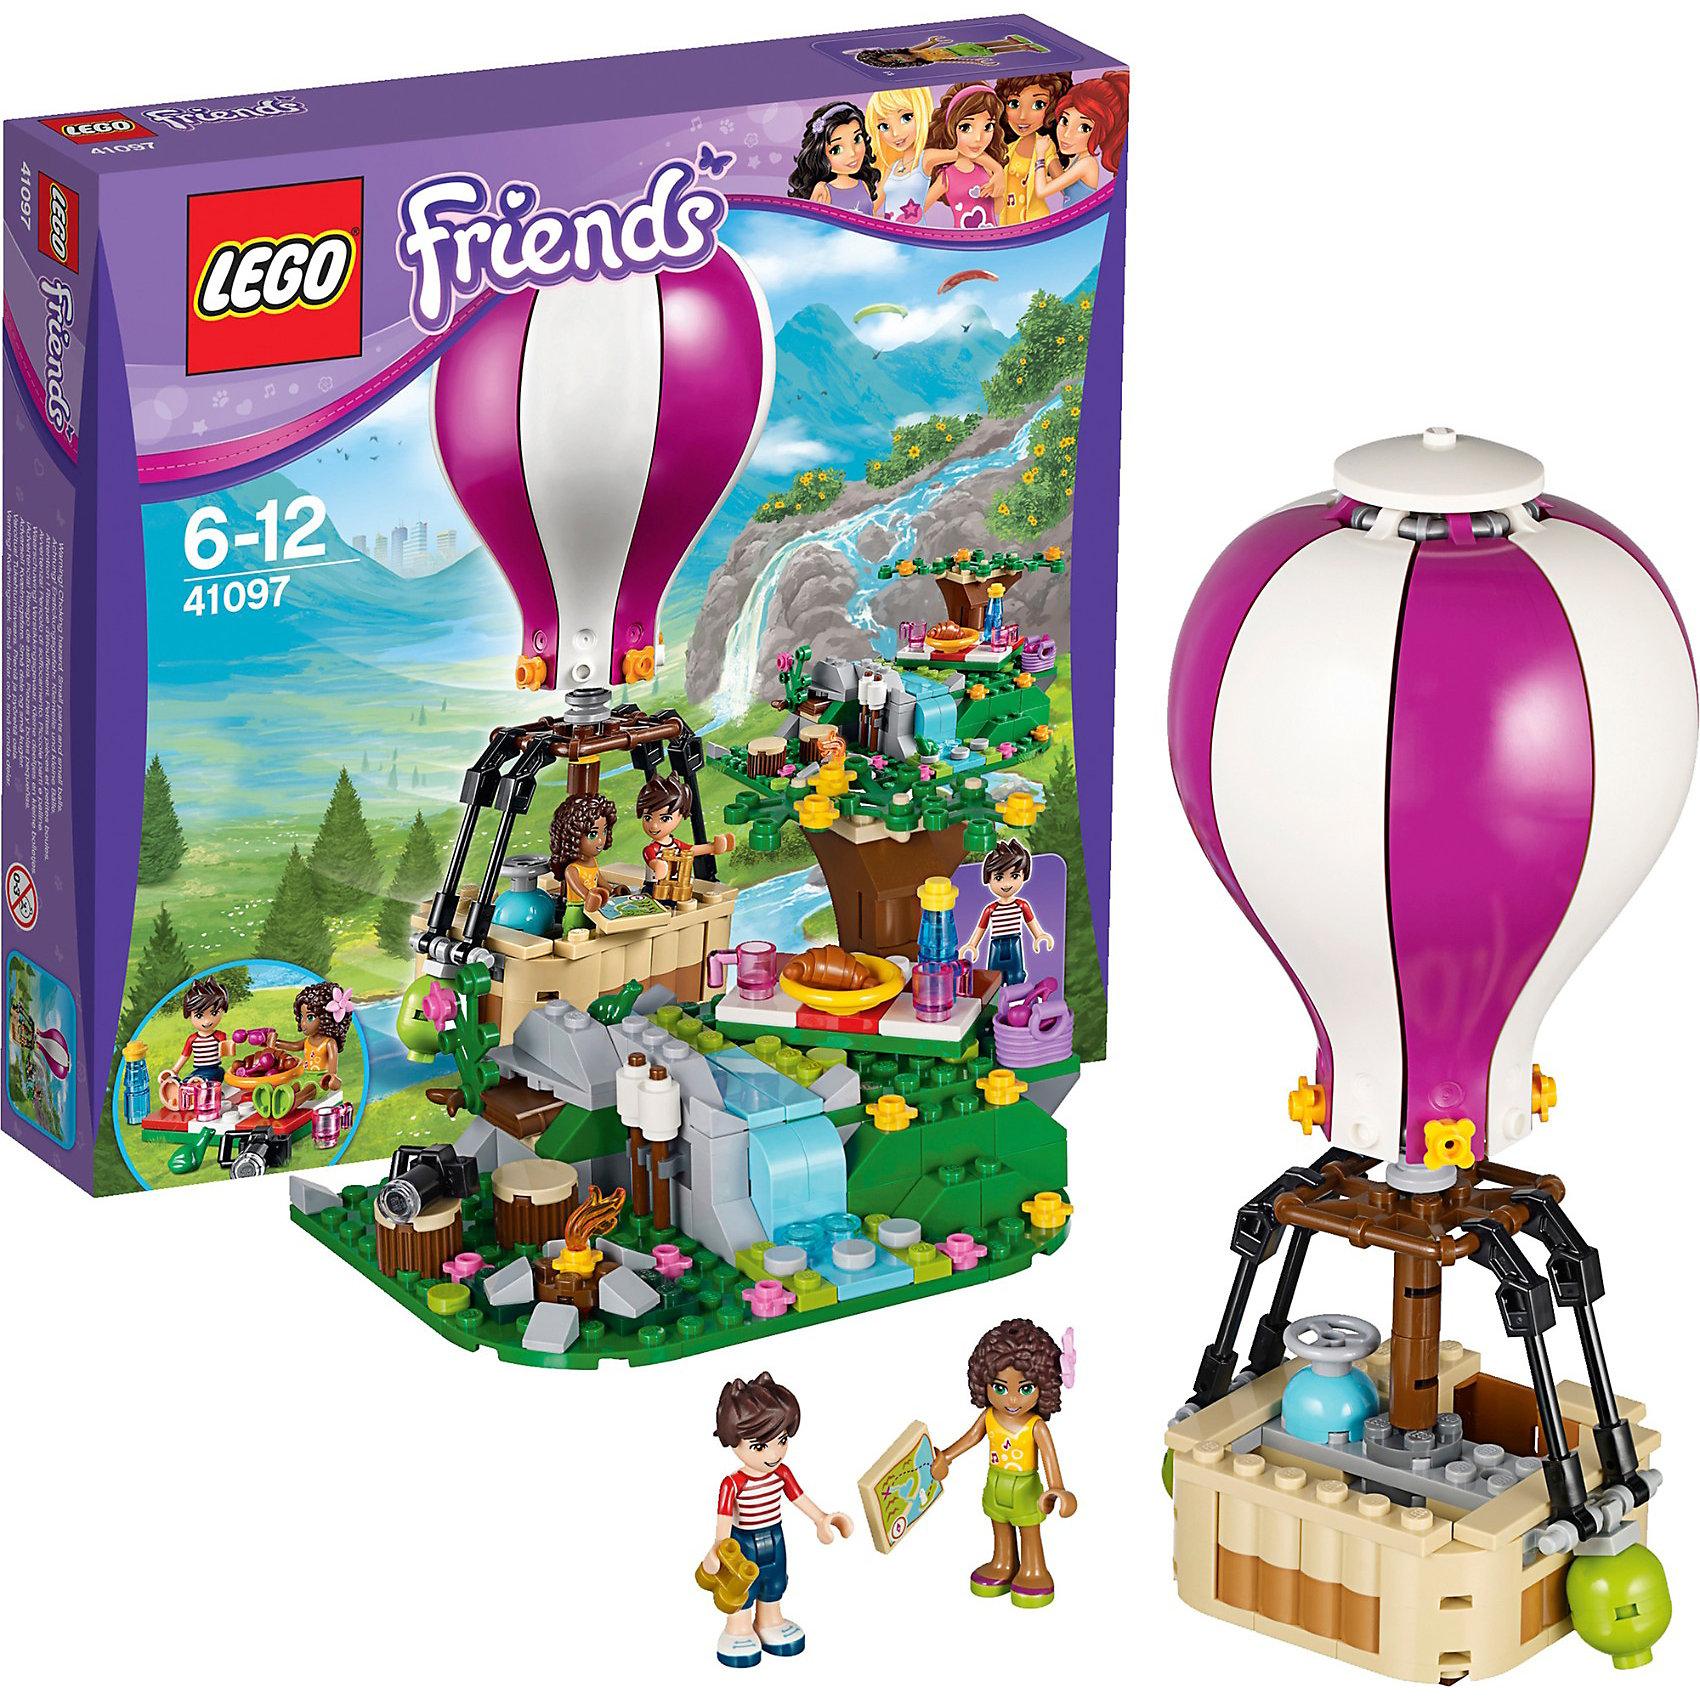 LEGO Friends 41097: Воздушный шарВ наборе LEGO Friends (ЛЕГО Подружки) 41097: Воздушный шар вы найдете фигурки Андреа и Ноа, а также множество игровых элементов (заколка-цветок, карта местности, фотоаппарат, бинокль, скатерть, кружки, бутылка, тарелка, круассан, корзина с фруктами, костёр, балласт, баллон с газом, цветы и лягушка). Чтобы весело и насыщенно провести выходные, девочки решили устроить пикник. Они расчистили площадку для костра и расстелили скатерть рядом с деревом. Пообедав припасами из корзинки, они решают подняться в небо на воздушном шаре. В основании купола установлена пропановая горелка для нагревания воздуха, а на вершине – специальный открывающийся клапан, который помогает охладить воздух внутри шара и снизить высоту полёта. При желании набор Воздушный шар можно объединить с набором ЛЕГО Подружки 41094: Маяк. <br><br>Конструирование – это полезное и увлекательное занятие, которое развивает моторику, речь и фантазию. Уникальная серия Lego Friends (Подружки) – это коллекция тематических наборов о крепкой дружбе 5 девочек. Каждый набор Лего серии Подружки – это сюжеты, близкие и понятные девчонкам: новые платья, интерьер дома, питомцы, прогулки на автомобиле и многое другое. При желании игру можно разнообразить героями и аксессуарами  из разных конструкторов коллекции Лего Подружки. Все наборы ЛЕГО Подружки соответствуют самым высоким европейским стандартам качества и абсолютно безопасны. <br><br>Дополнительная информация:<br>-Размер упаковки: 28,2x26,2x5,9 см<br>-Размеры воздушного шара в собранном виде: 19 х 6 х 6 см<br>-Размер места для пикника: 6 х 12 х 9 см<br>-Вес: 0,4 кг <br>-Состав: 254 детали, 2 мини-фигурки, инструкция<br>-Материал: пластик<br>-Весь набор упакован в фирменную картонную коробку ЛЕГО<br><br>LEGO Friends (ЛЕГО Подружки) 41097: Воздушный шар можно купить в нашем магазине.<br><br>Ширина мм: 276<br>Глубина мм: 261<br>Высота мм: 63<br>Вес г: 416<br>Возраст от месяцев: 72<br>Возраст до месяцев: 156<br>Пол: Женский<br>Возраст: Дет